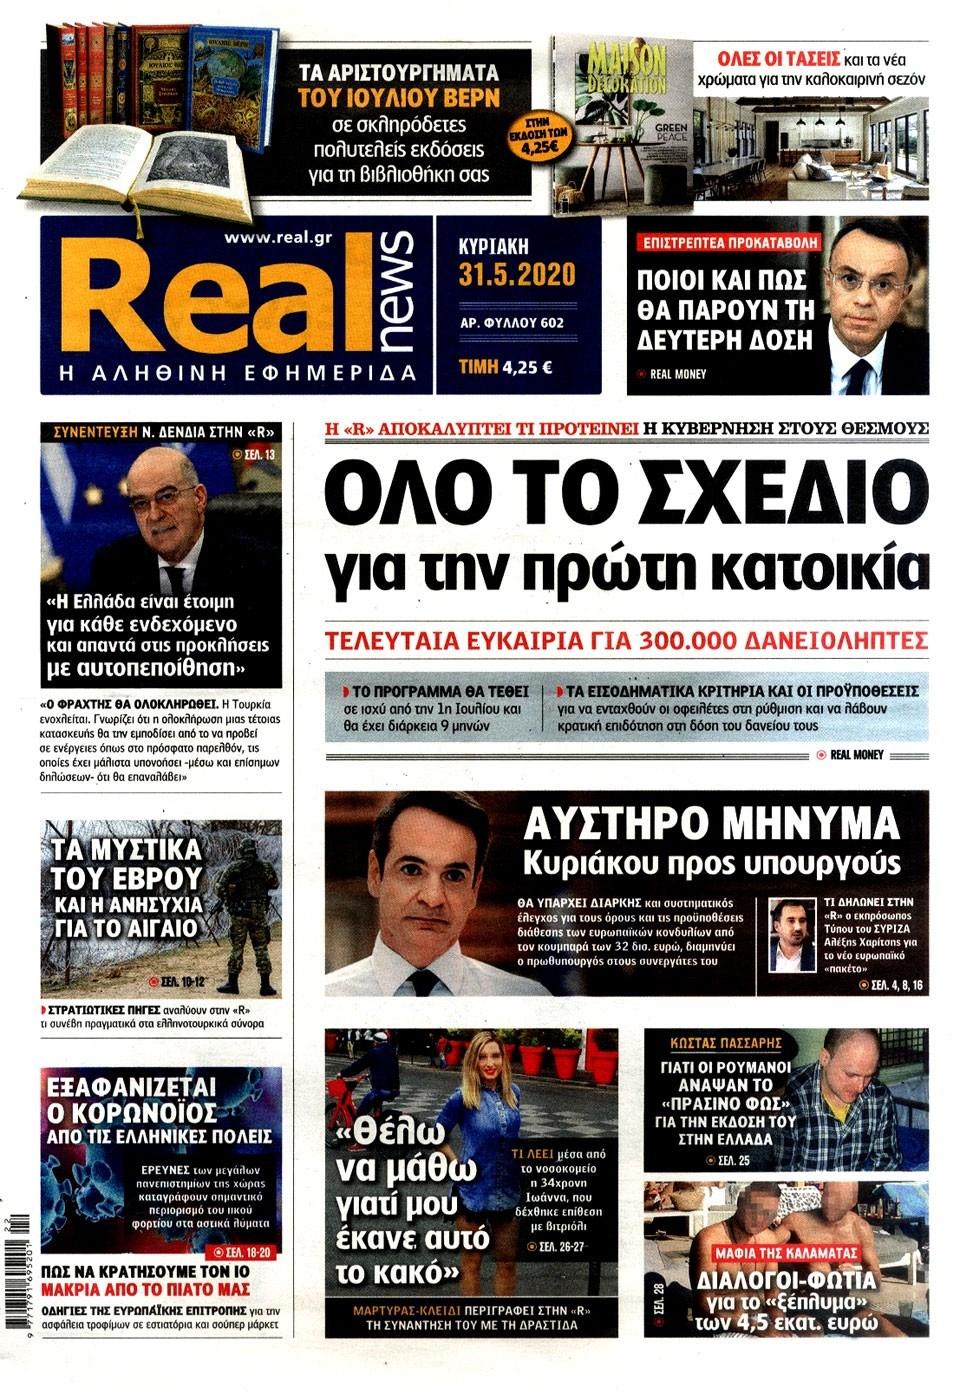 Τα πρωτοσέλιδα των Κυριακάτικων εφημερίδων!